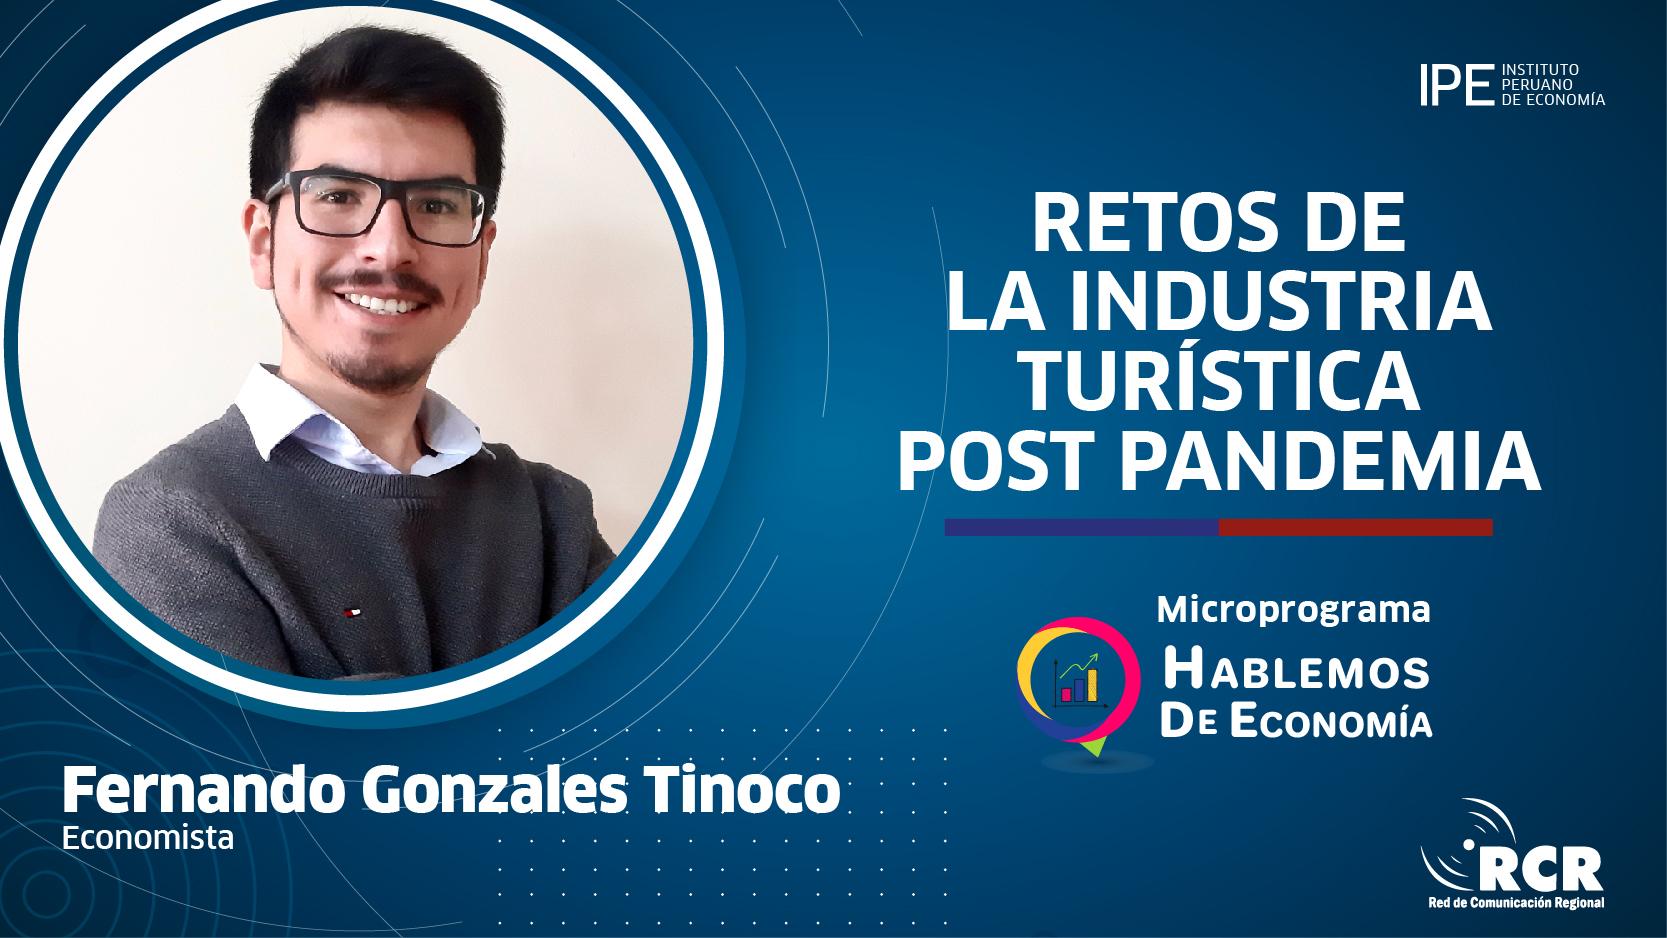 turismo, Fernando Gonzales Tinoco, economía, recuperación, pandemia